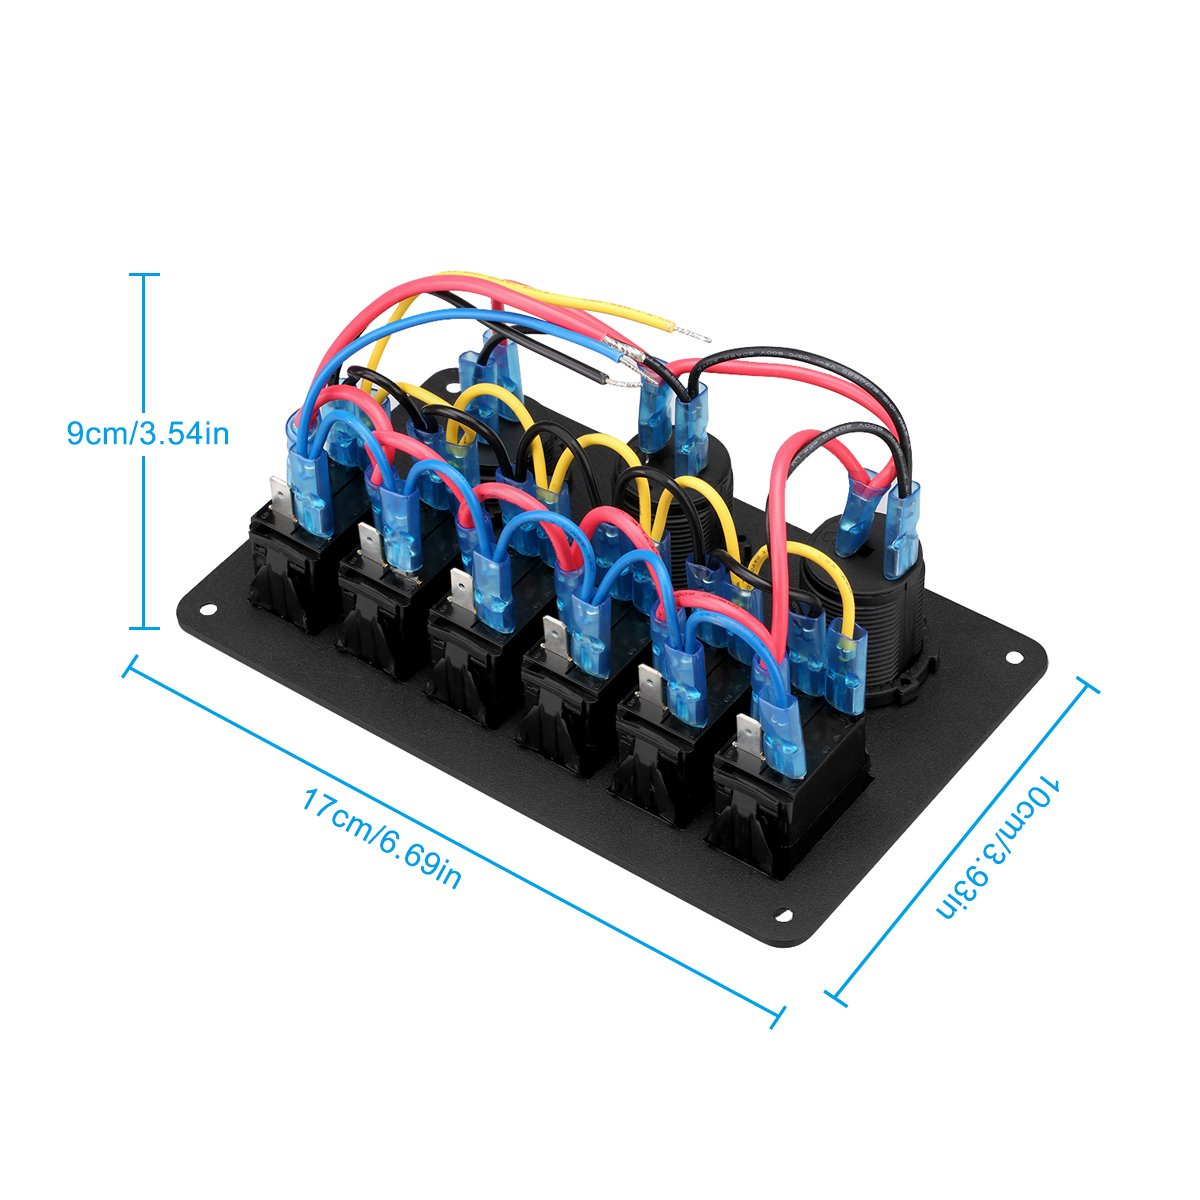 Excelvan Digital 12v 24v Switch Panel Waterproof Dual Usb Port Wiring Diagram Charger Cigarette Lighter Socket Voltmeter Boat Car Marine Rocker 6 Gang Automotive